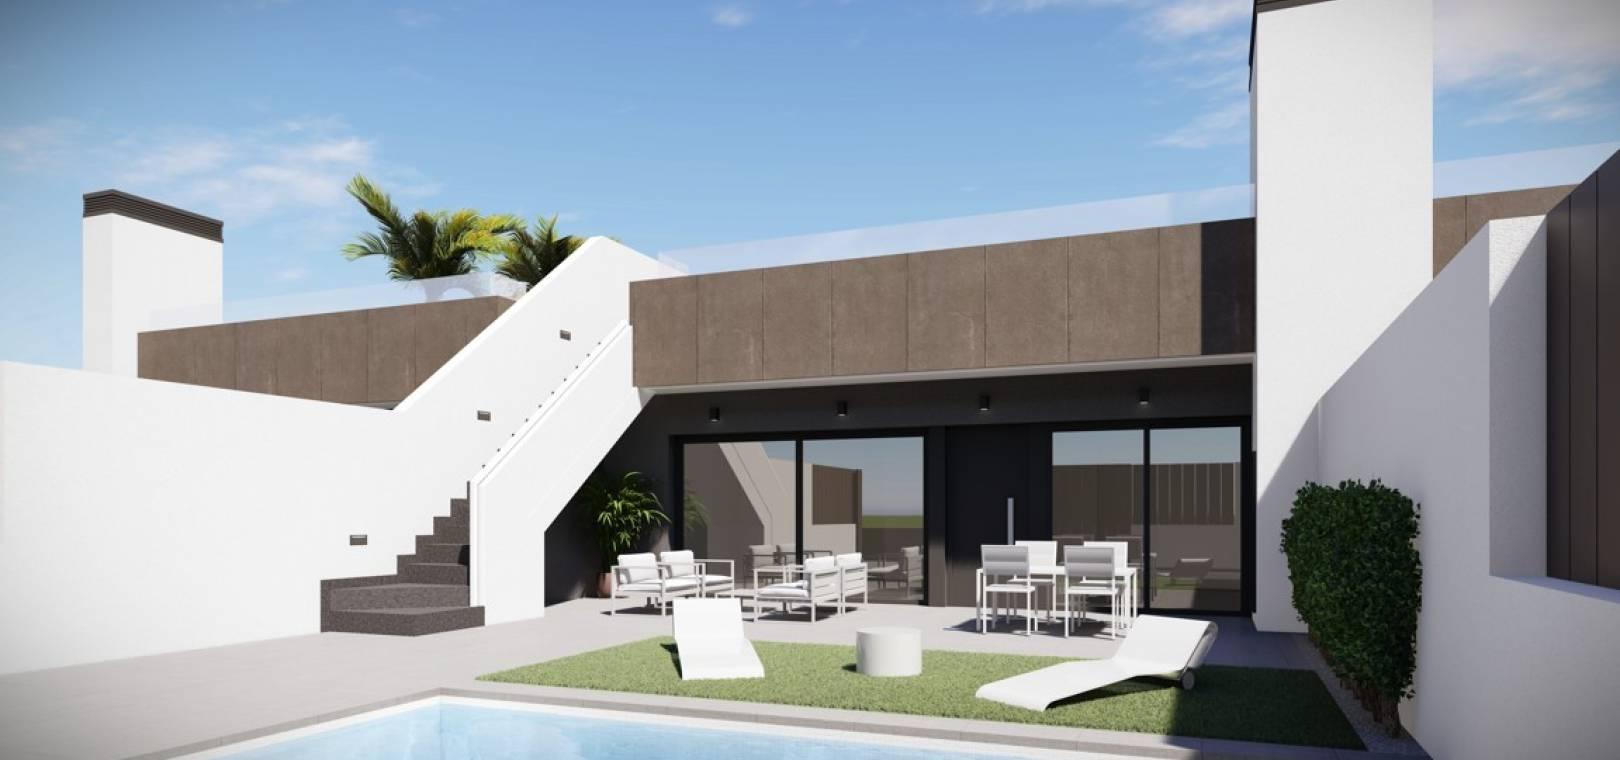 New Build - Villa - La Manga - Costa Calida